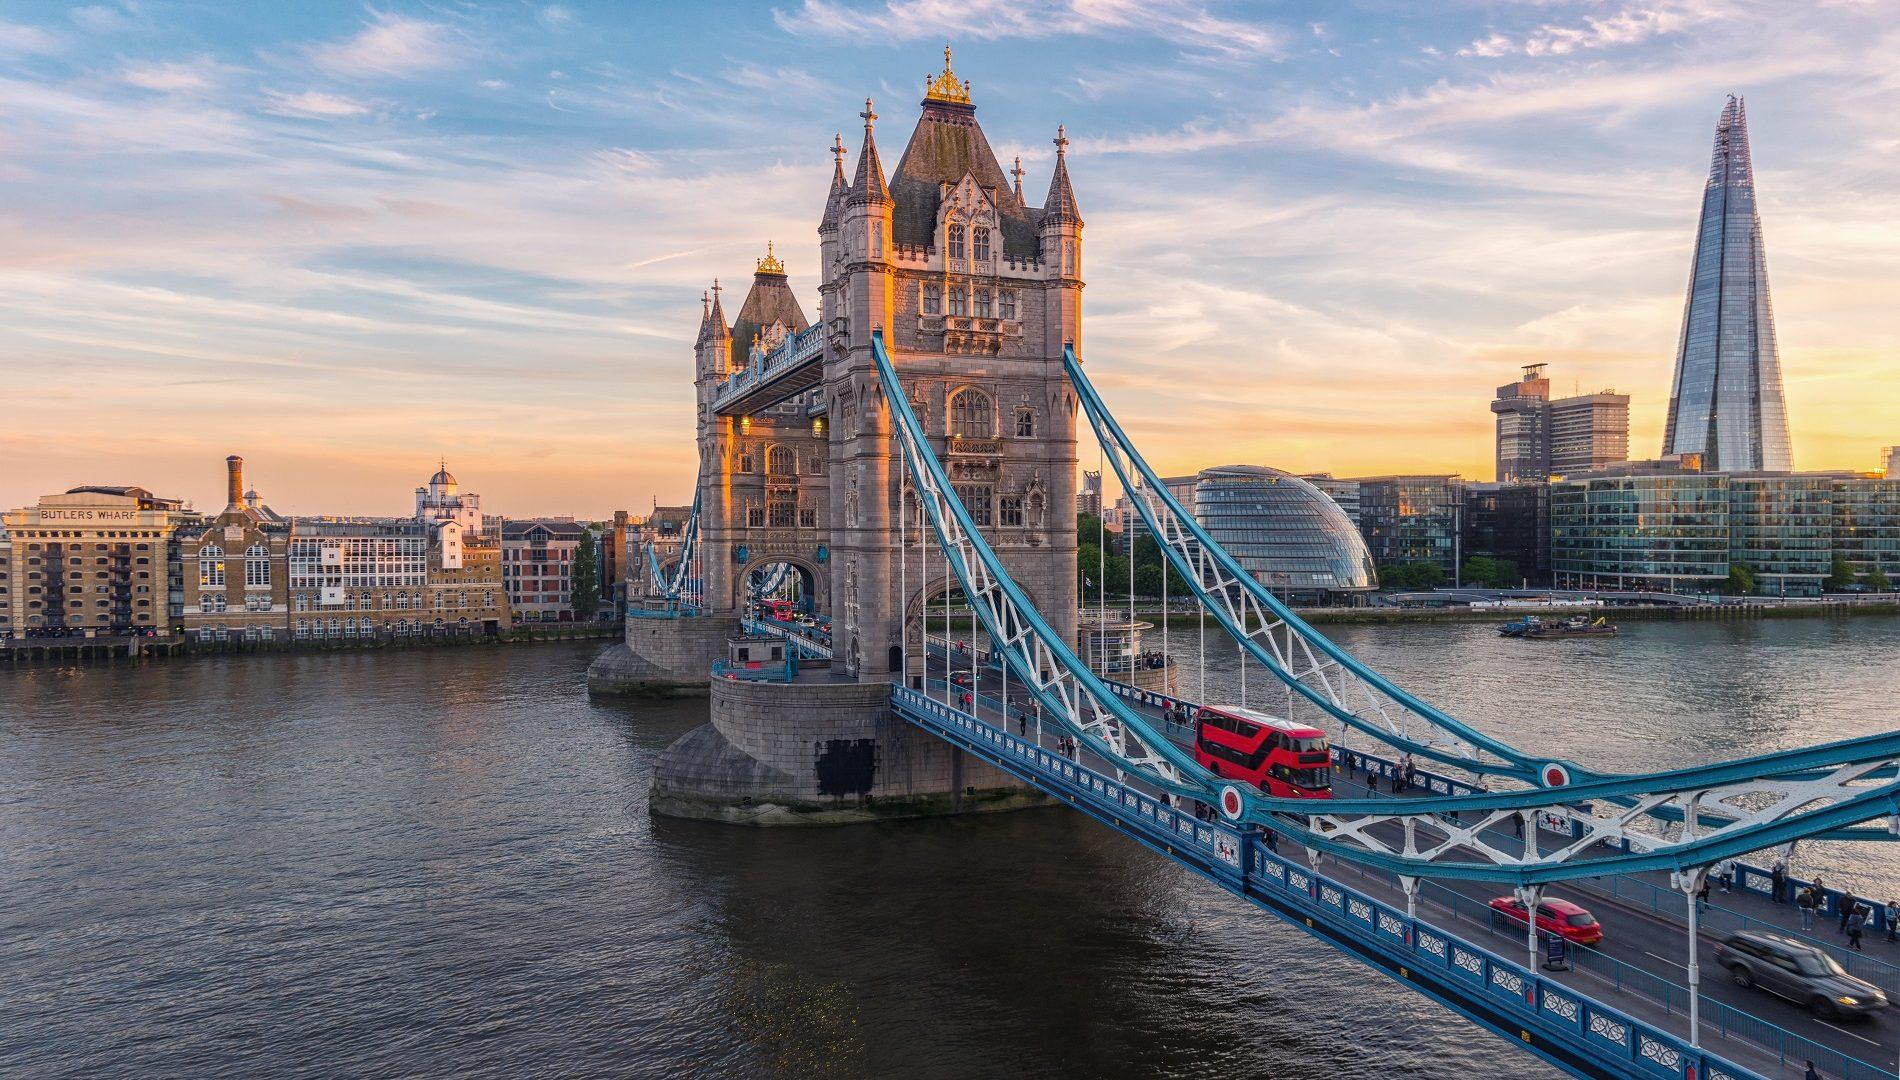 Neolaureato In Architettura Cosa Fare studiare a londra dopo la brexit: la guida nº1 per gli